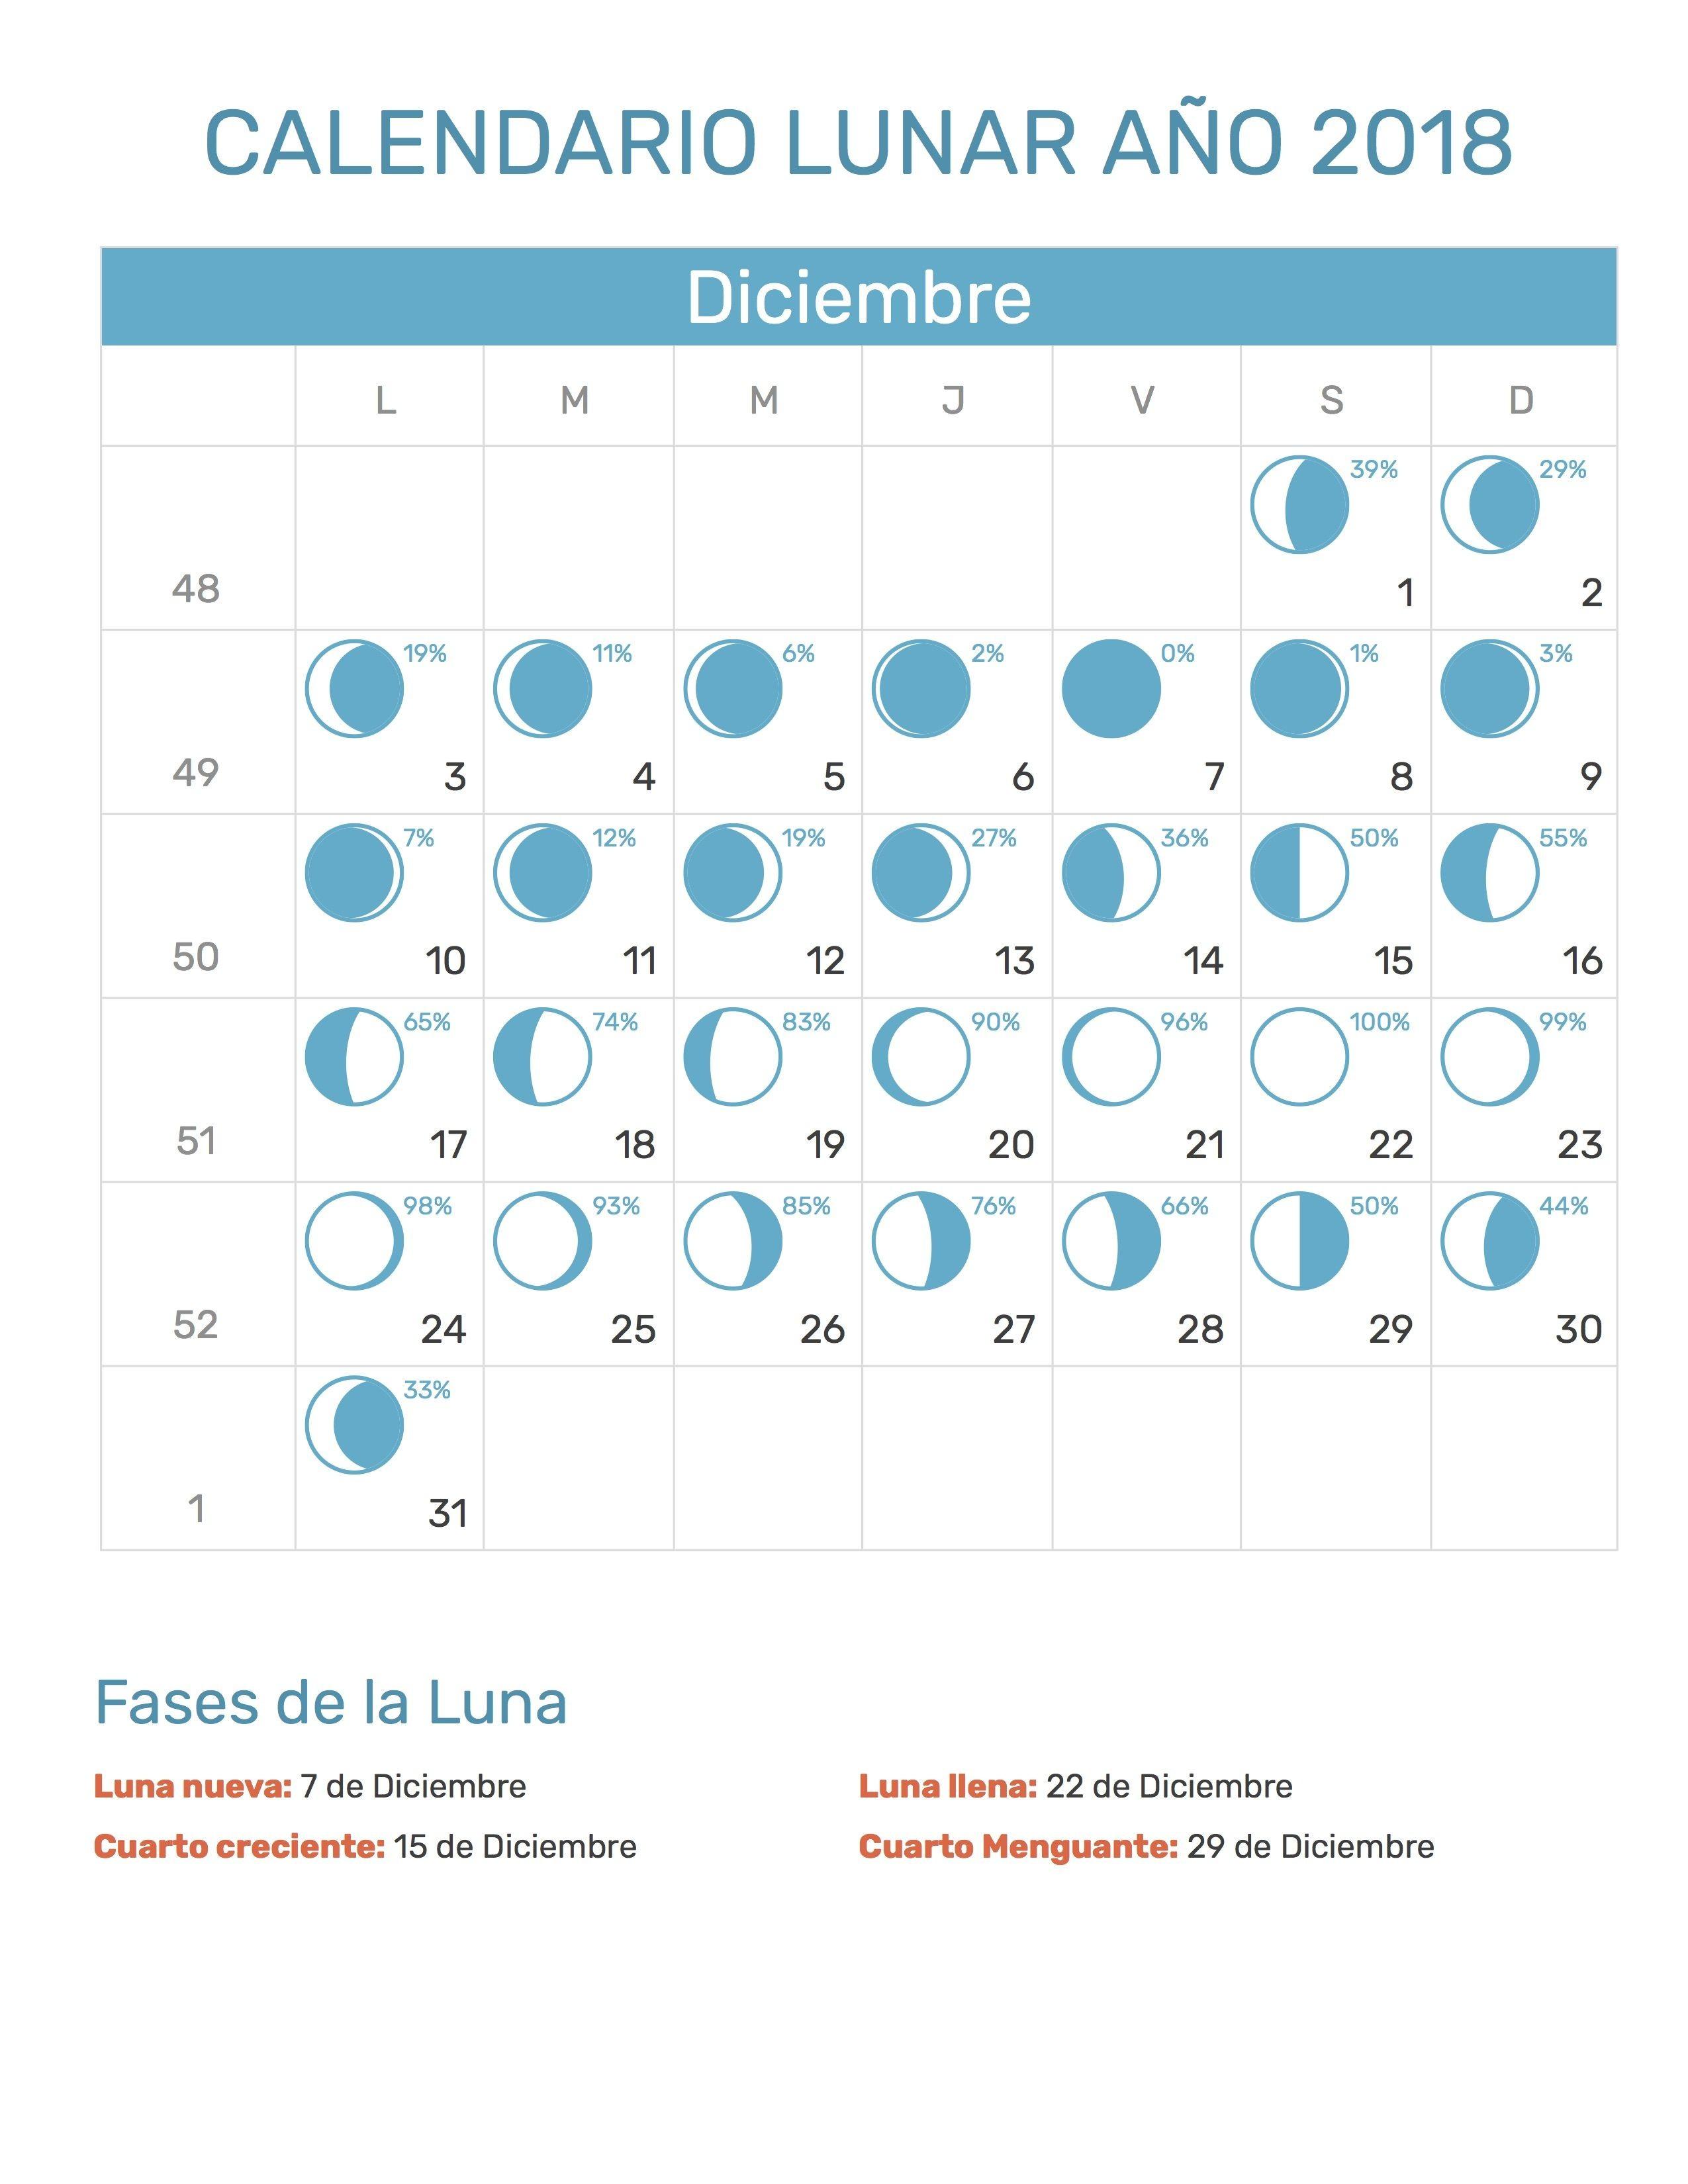 Pin de Calendario Hispano en Calendario Lunar a±o 2018